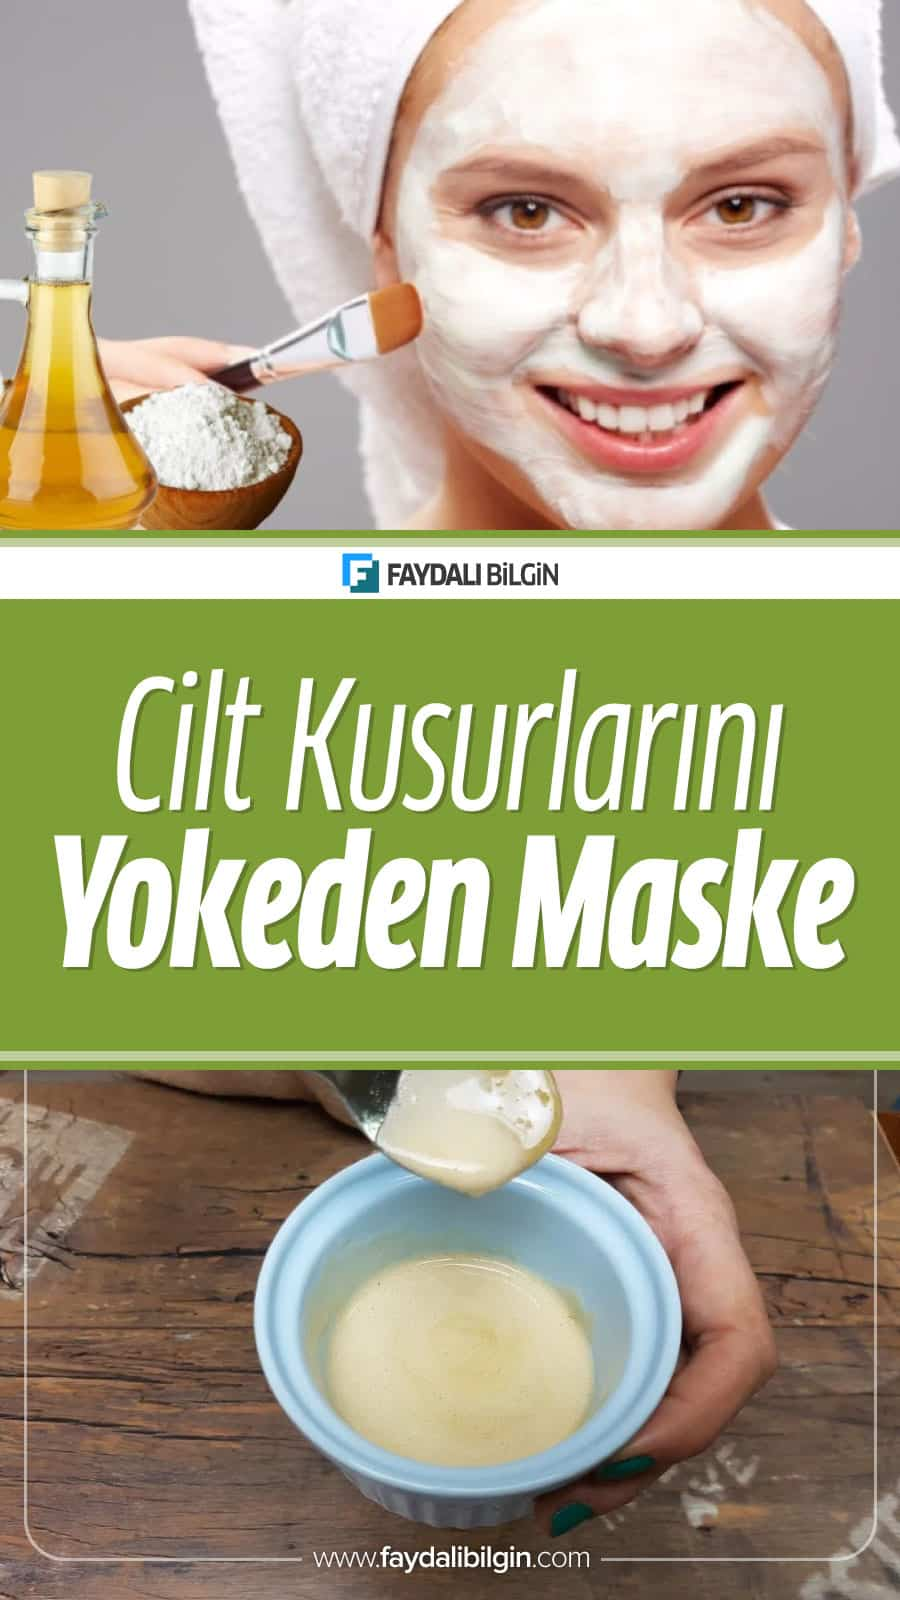 """Faydalı Bilgin Editörümüz sizler için bugün cildinizdeki akne ve lekeleri giderecek """"Elma Sirkesi ve Karbonat Maskesini"""" araştırdı.  #akne #leke #ciltsorunları #ciltkusurları #güzellik #bakım #makyaj #kadın #maske #ciltmaskesi #karbonat #sirke #limon"""